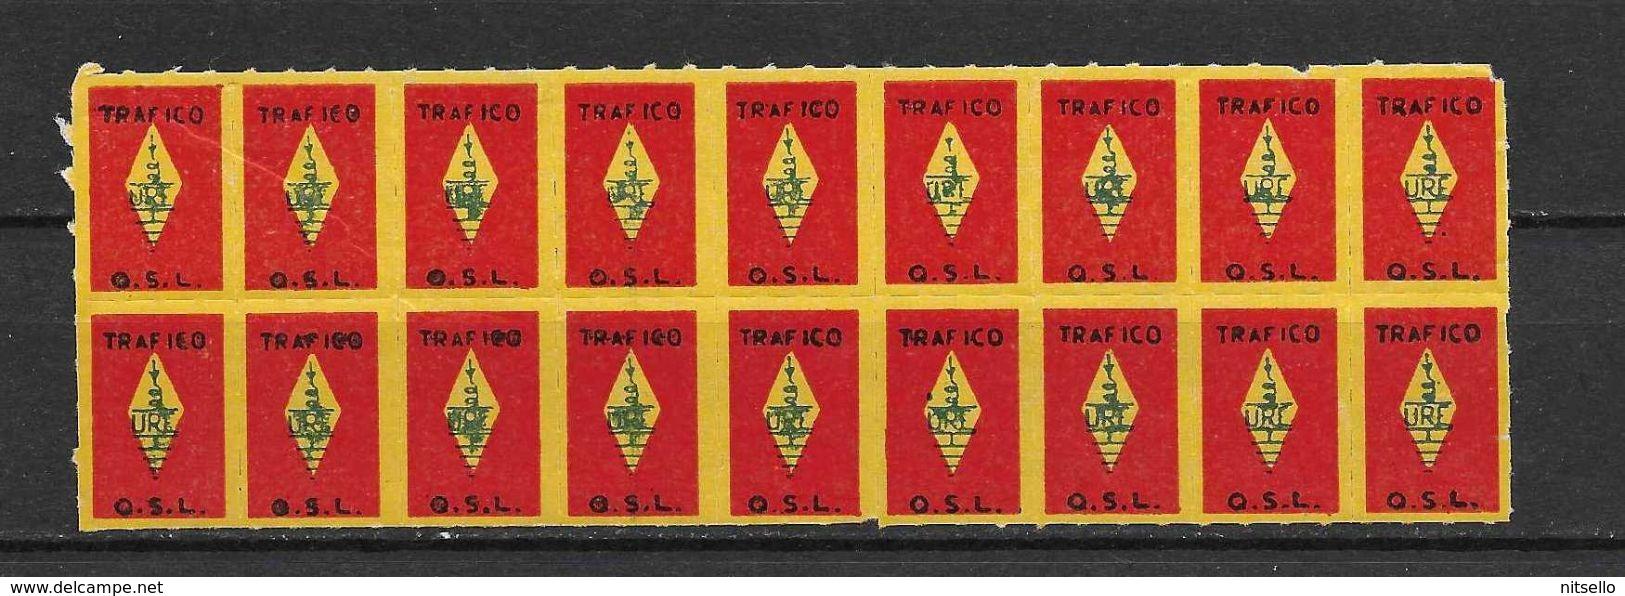 LOTE 1397  ///  ESPAÑA  CUPONES DE TRAFICO G.S.L. - Billetes De Transporte